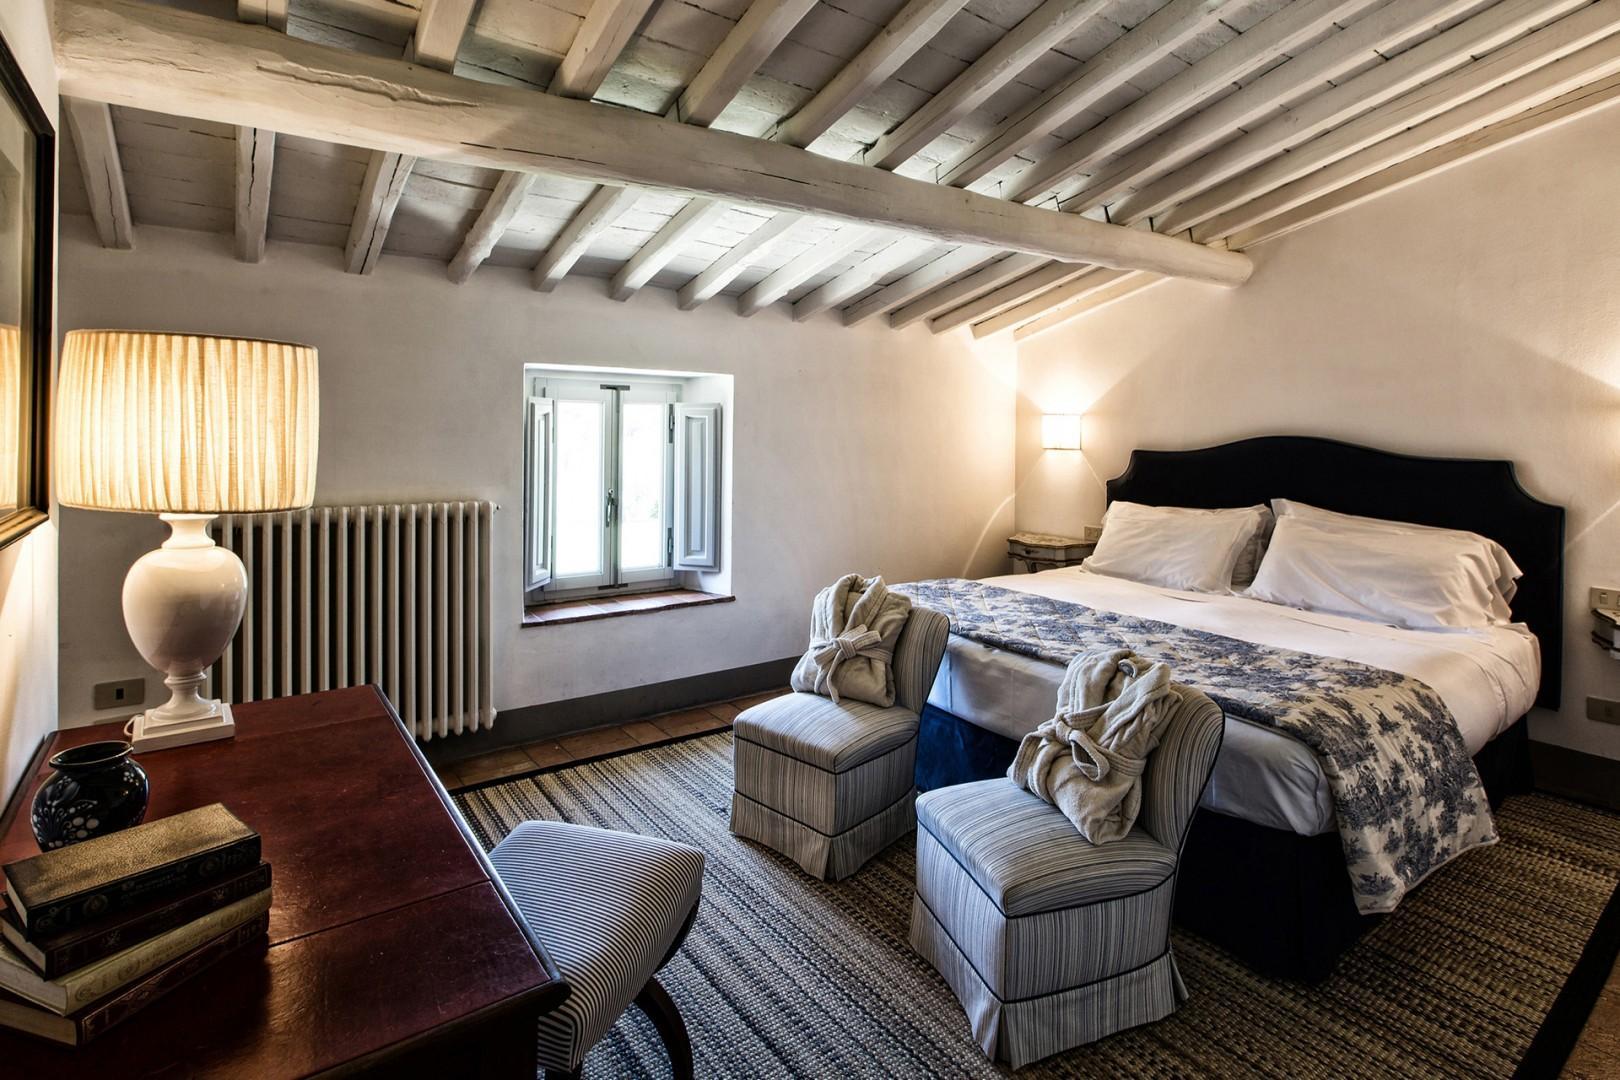 Beautiful cottage bedroom 1 with en suite bathroom.